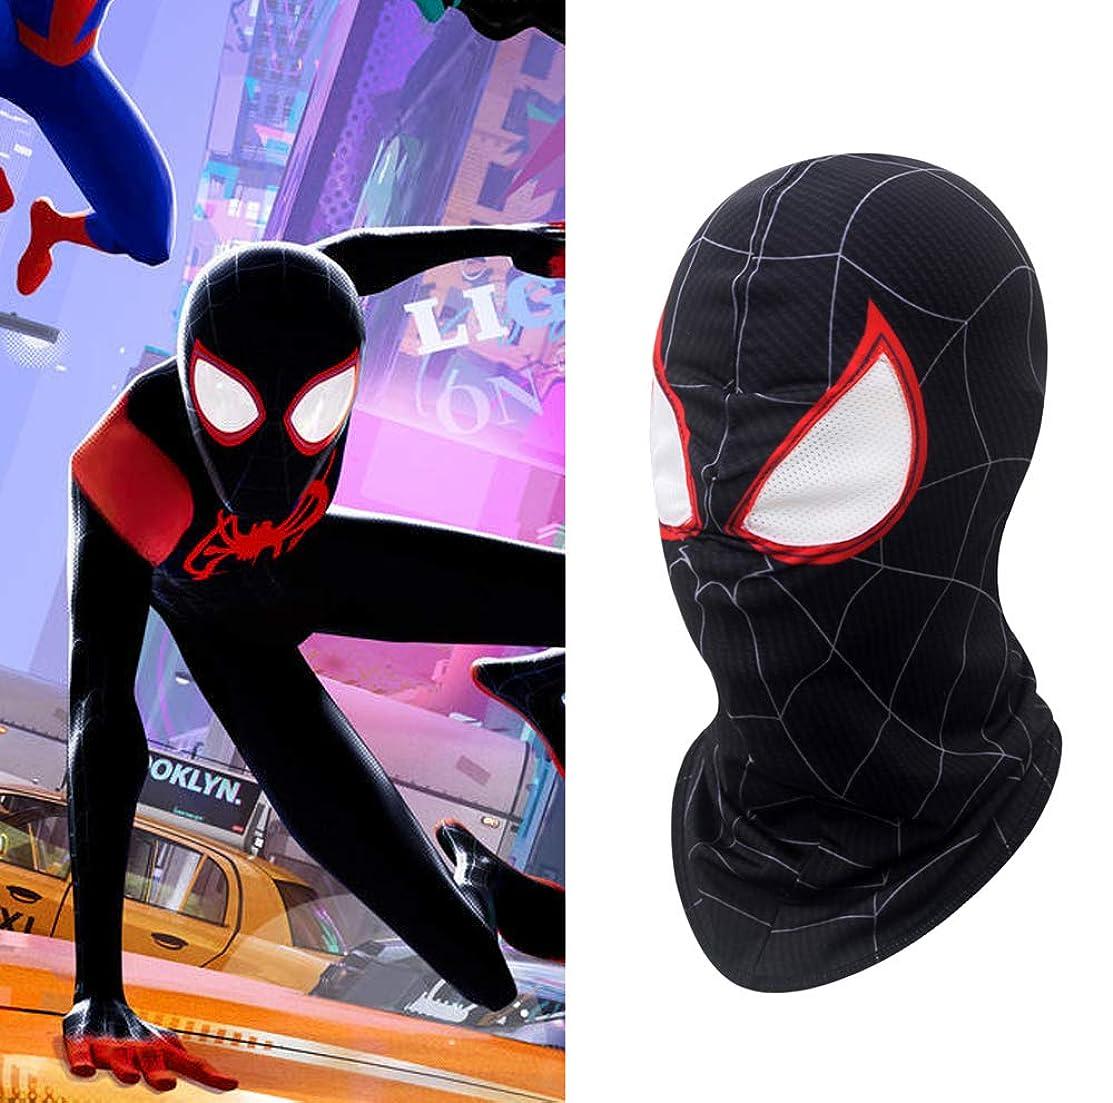 ポットハウジングどうやってSpider-Man Into the Spider-Verse Miles Morales スパイダーマン マスク グウェン マスク Hood ヘルメット コスプレ 仮装 グッズ マスク 被り物 スパイダーマン 大人用 弾性 フッド ヘッドギア (Spider-man)